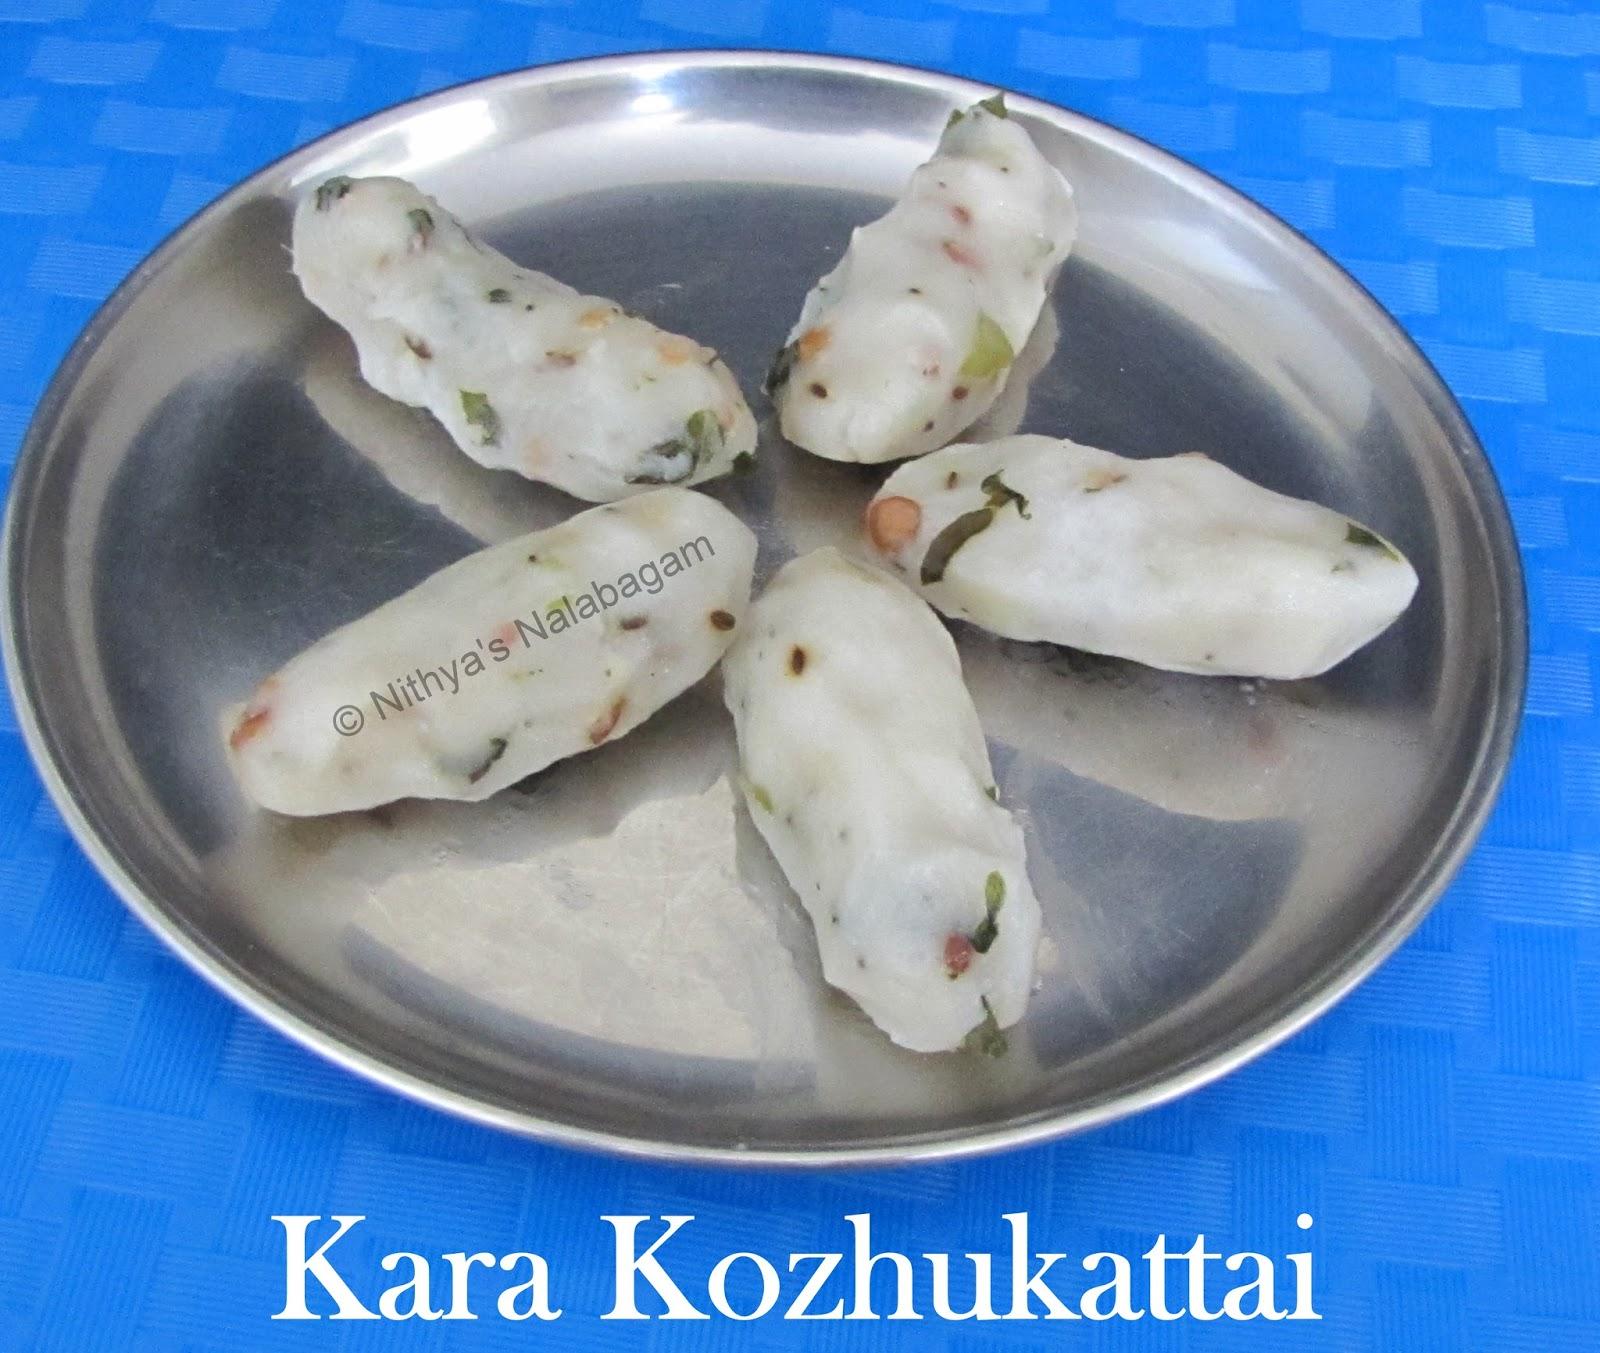 Kara Kozhukattai